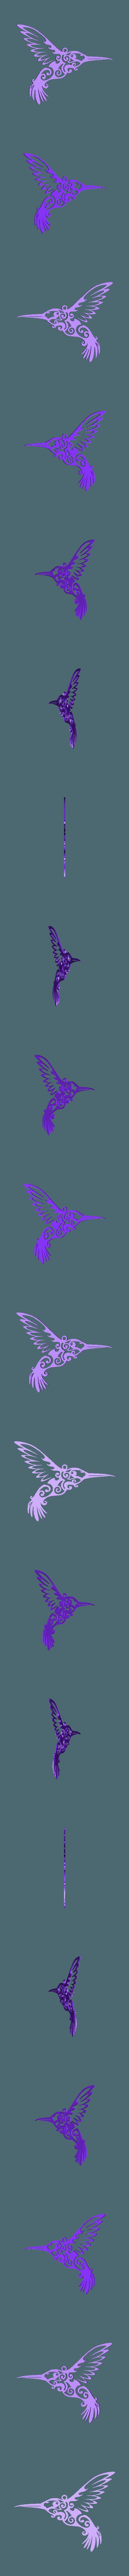 Colibri.stl Télécharger fichier STL Colibri • Design pour impression 3D, bvhephotographie